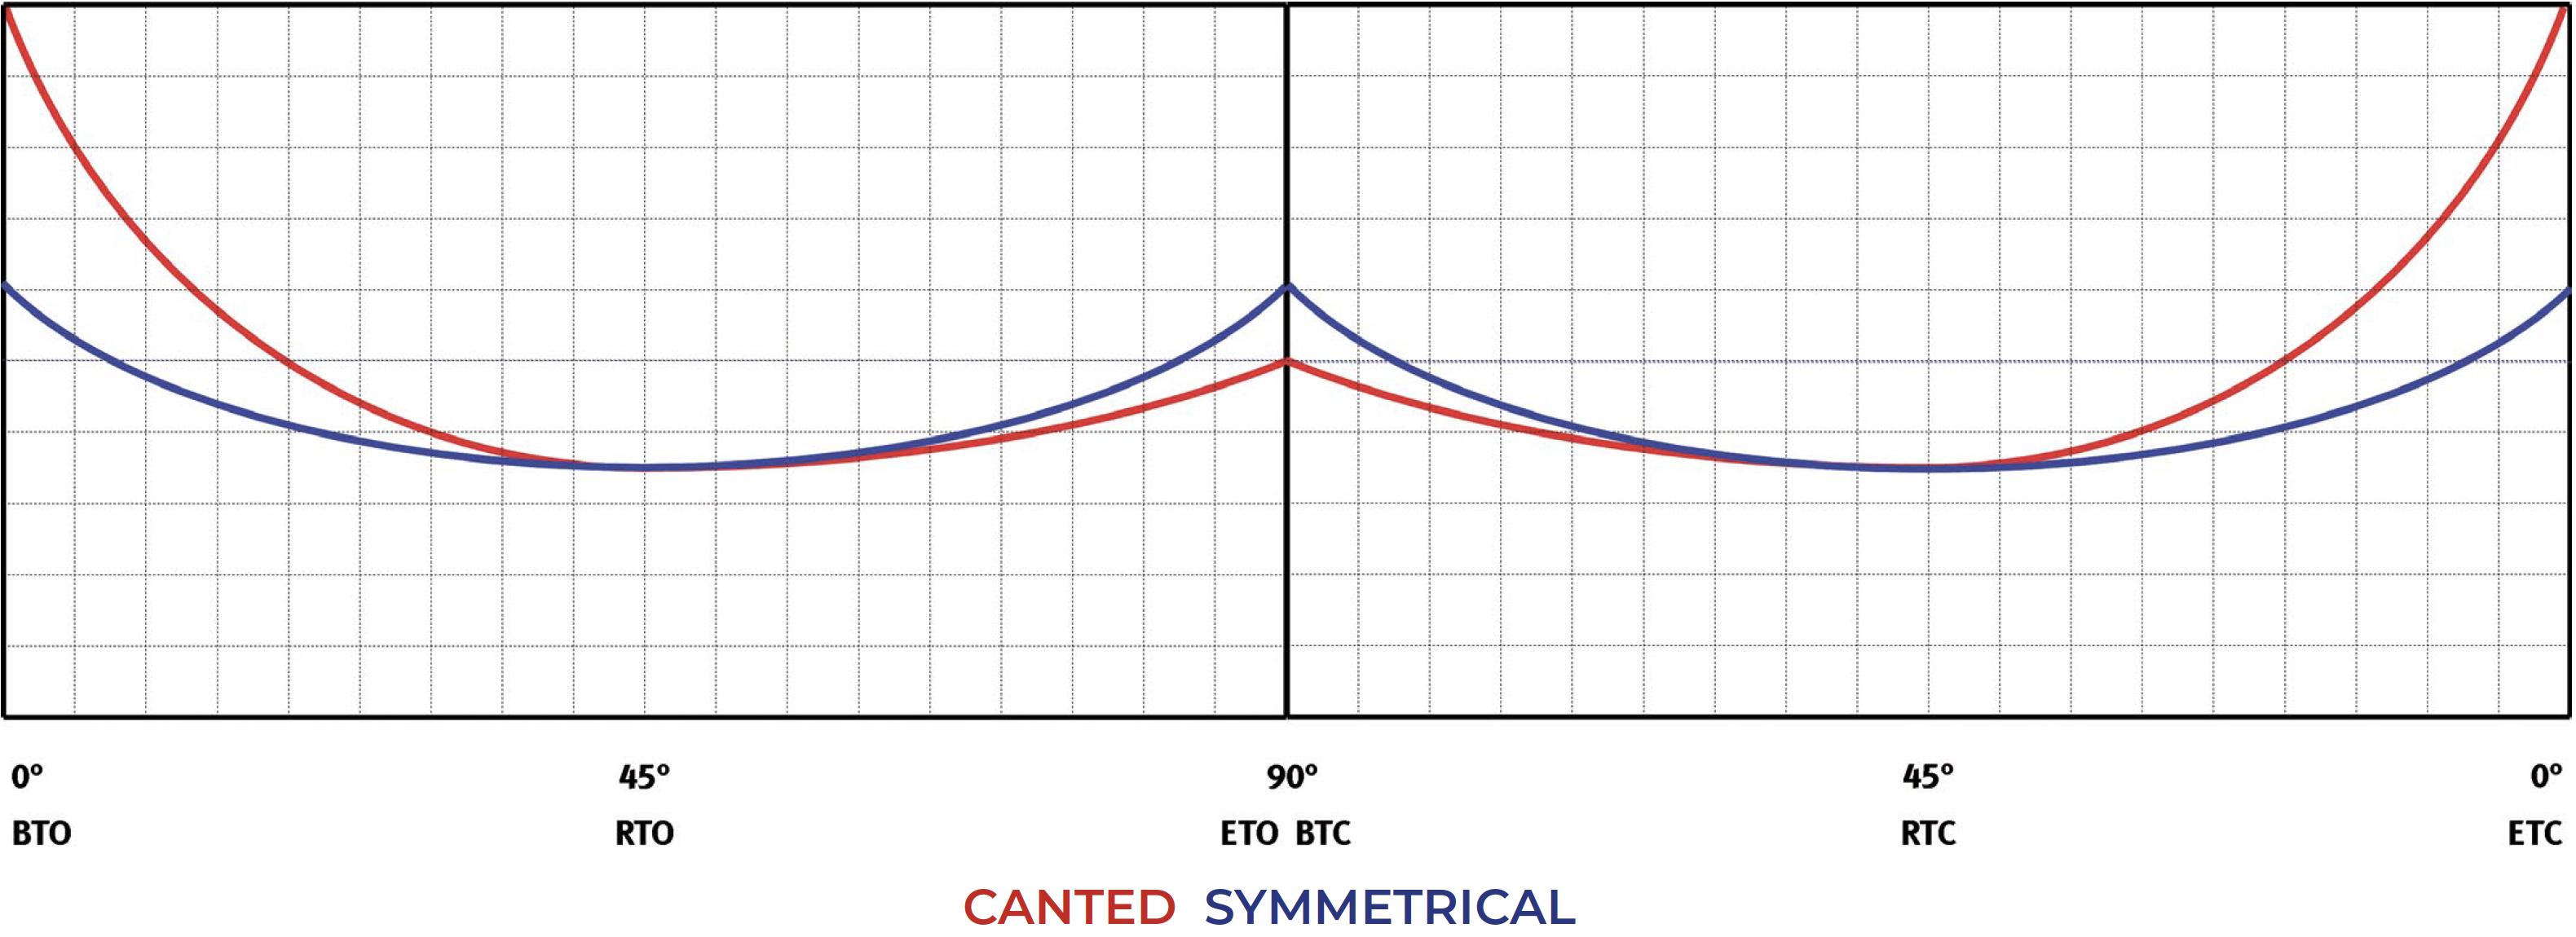 碳钢材质GD型重载荷双效气动执行器 - 图表和起动扭矩  - 双效 - 扭矩图表(起动扭矩)